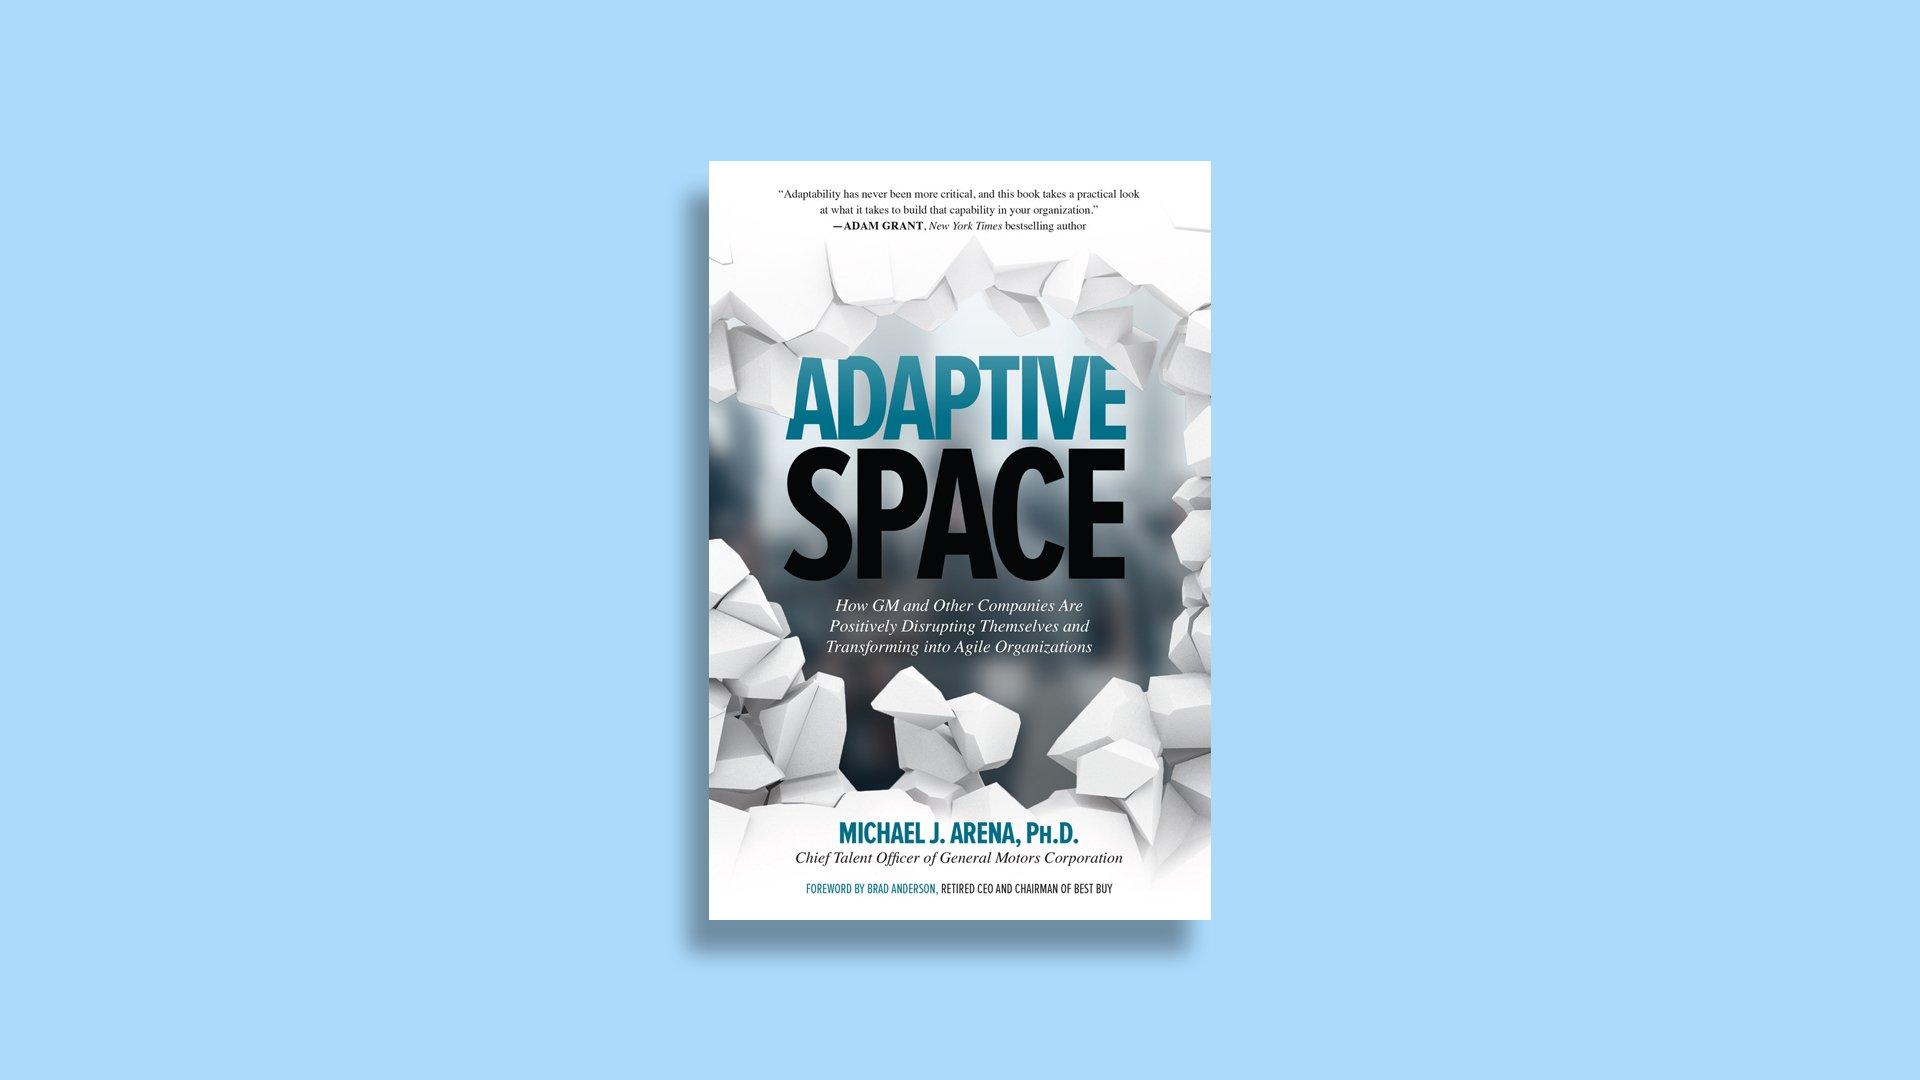 Espacio adaptativo